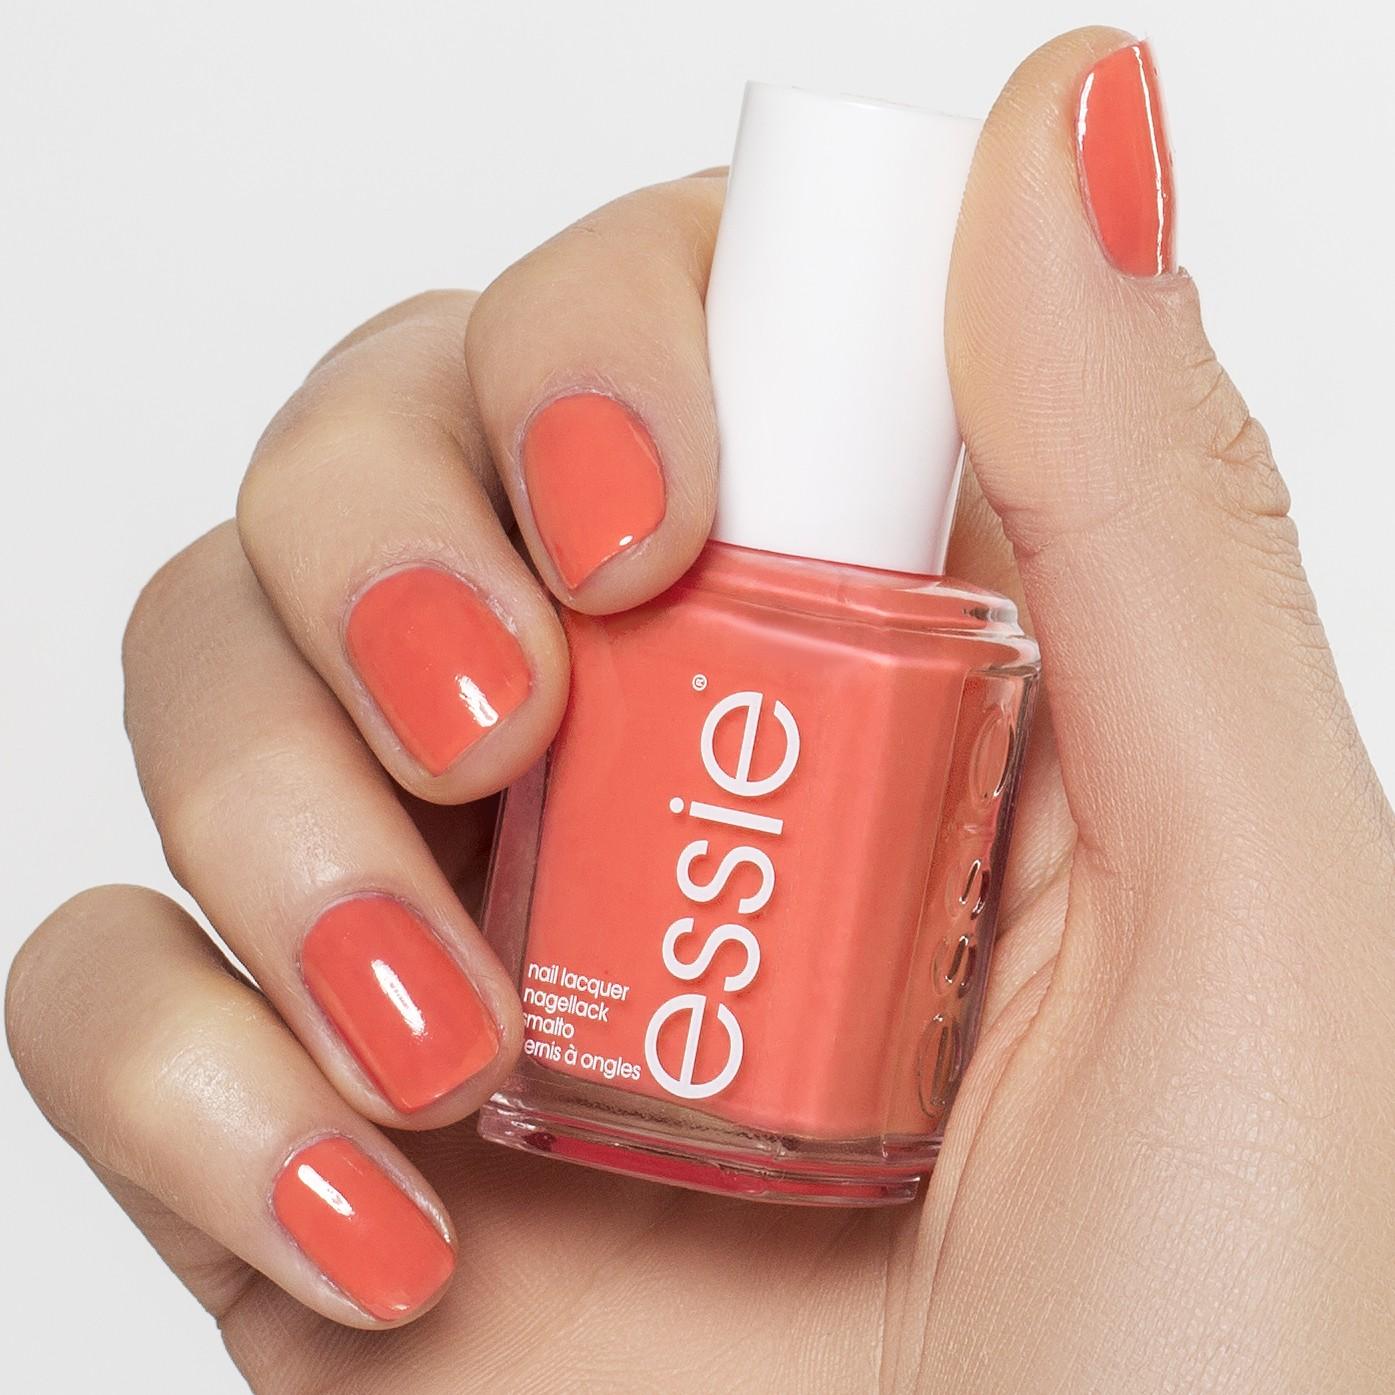 Essie Лак для ногтей, оттенок 74 Арт-деко, 13,5 мл